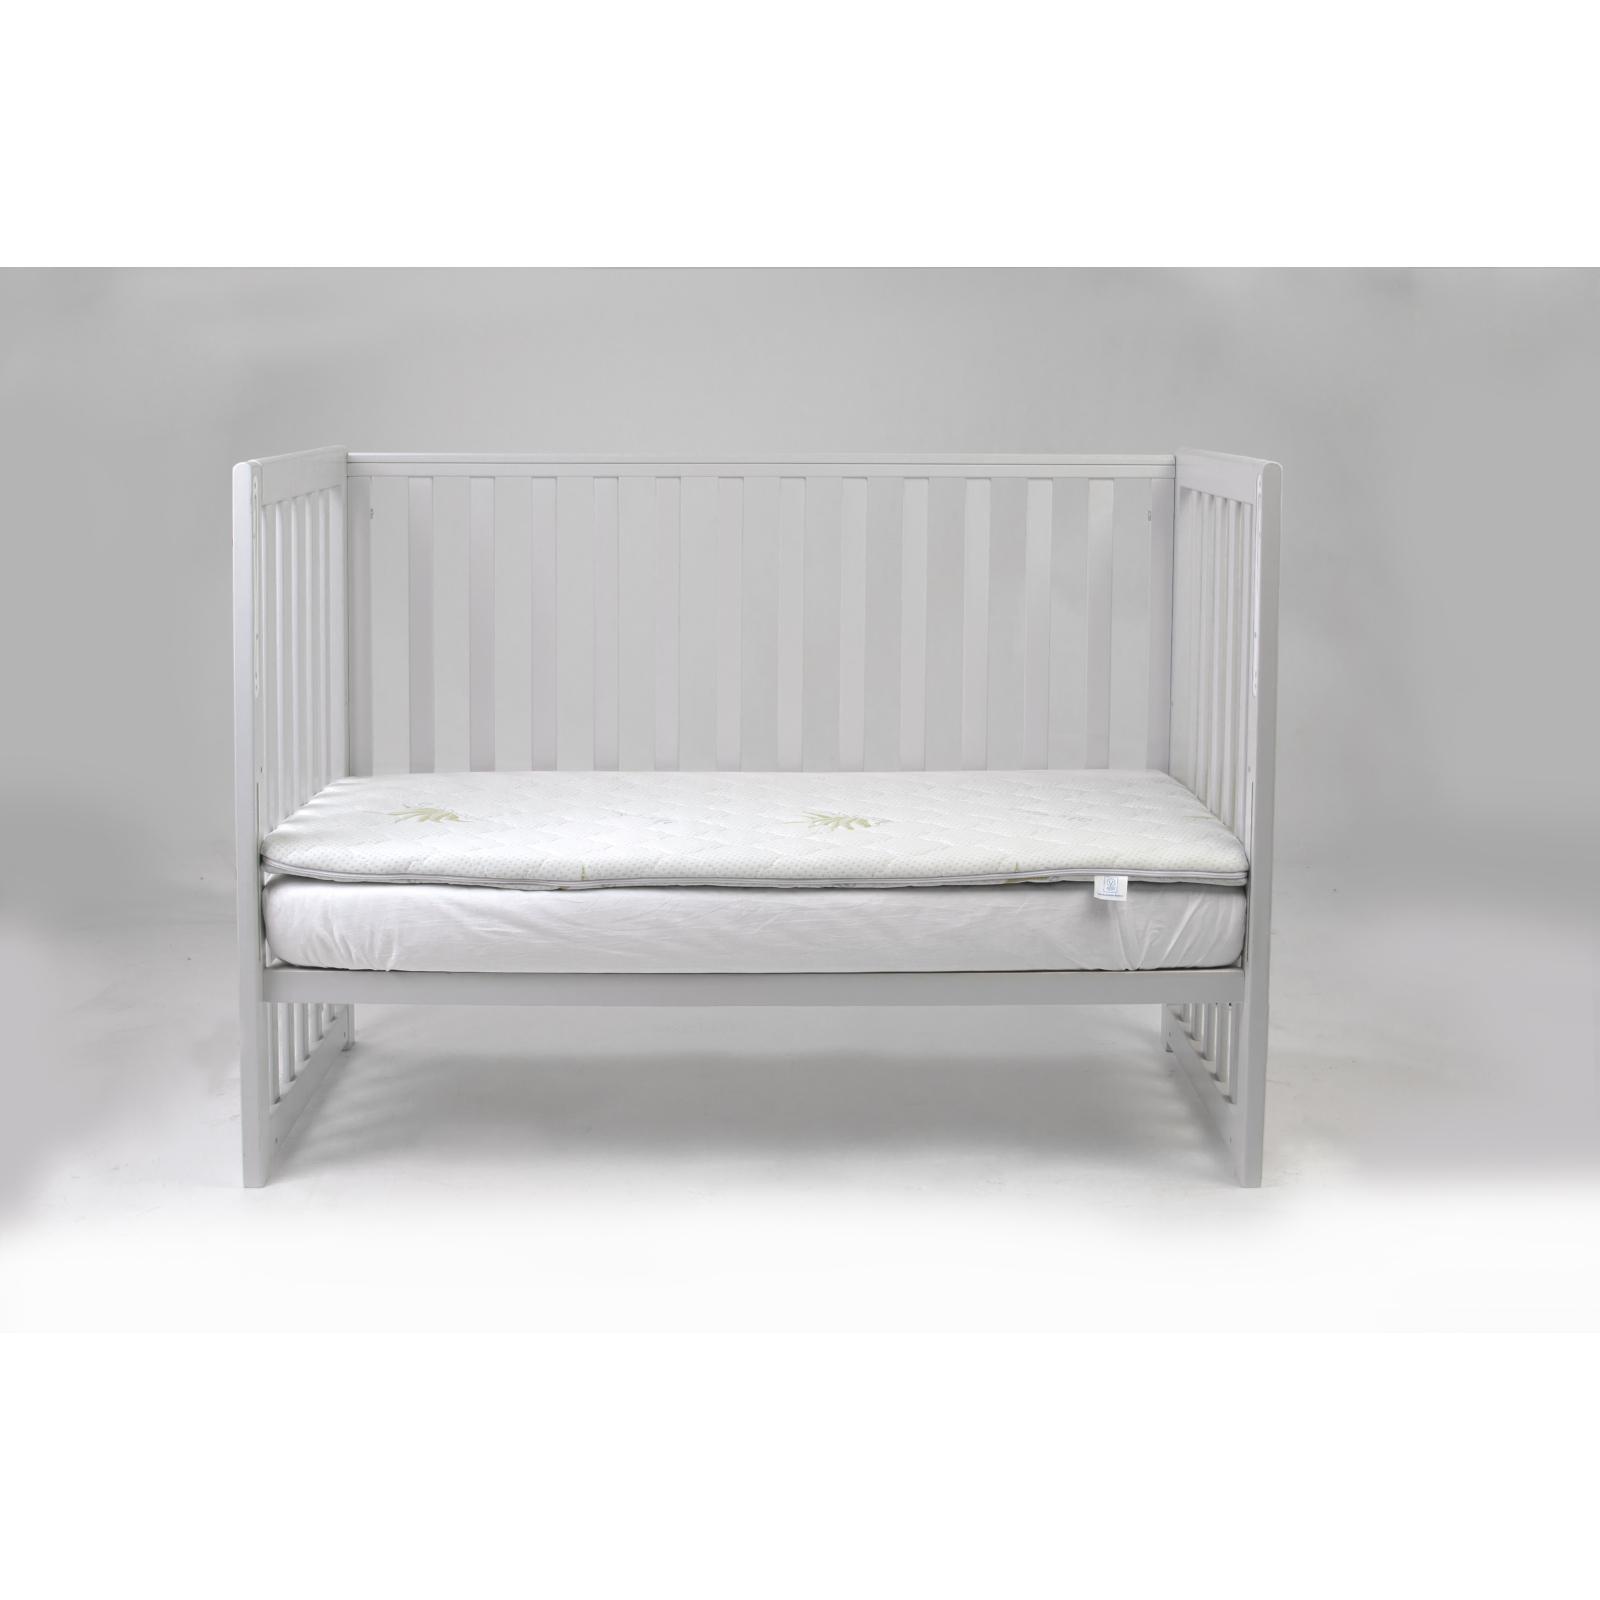 Матрас для детской кроватки Верес Latex+Aloe Vera 120*60*3,5 см (топпер) (54.1.03) изображение 2